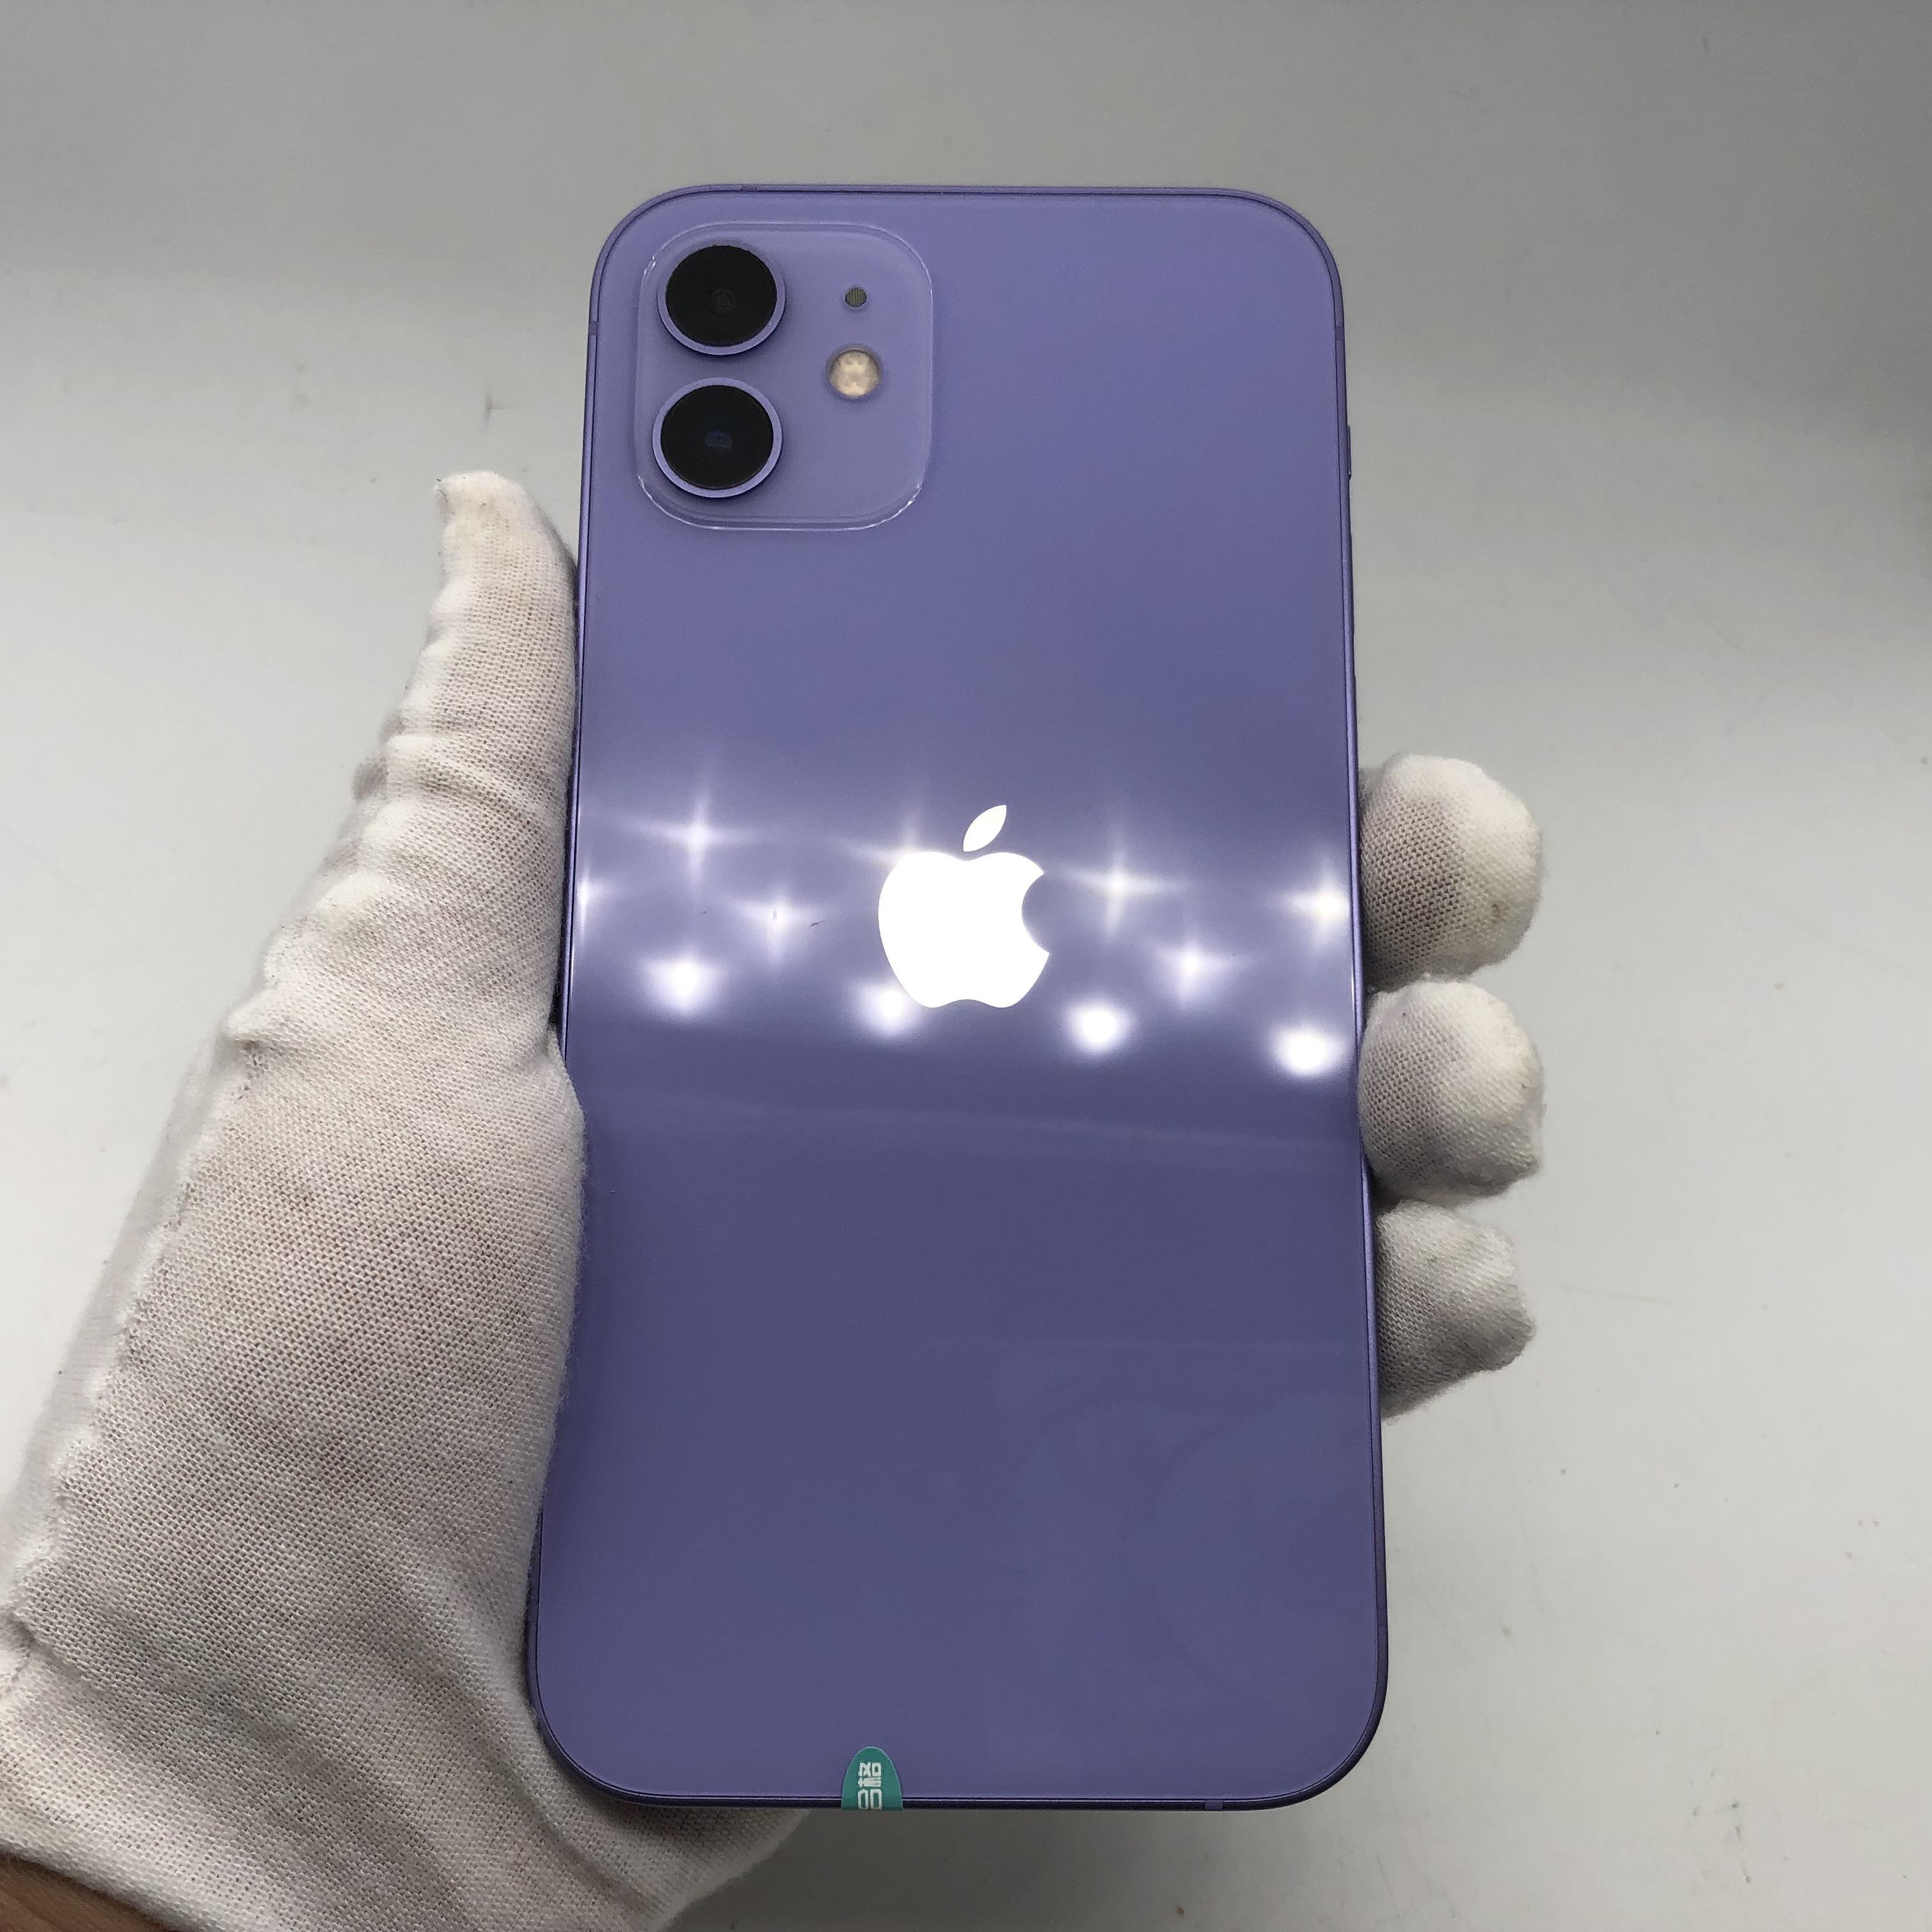 苹果【iPhone 12】5G全网通 紫色 64G 国行 8成新